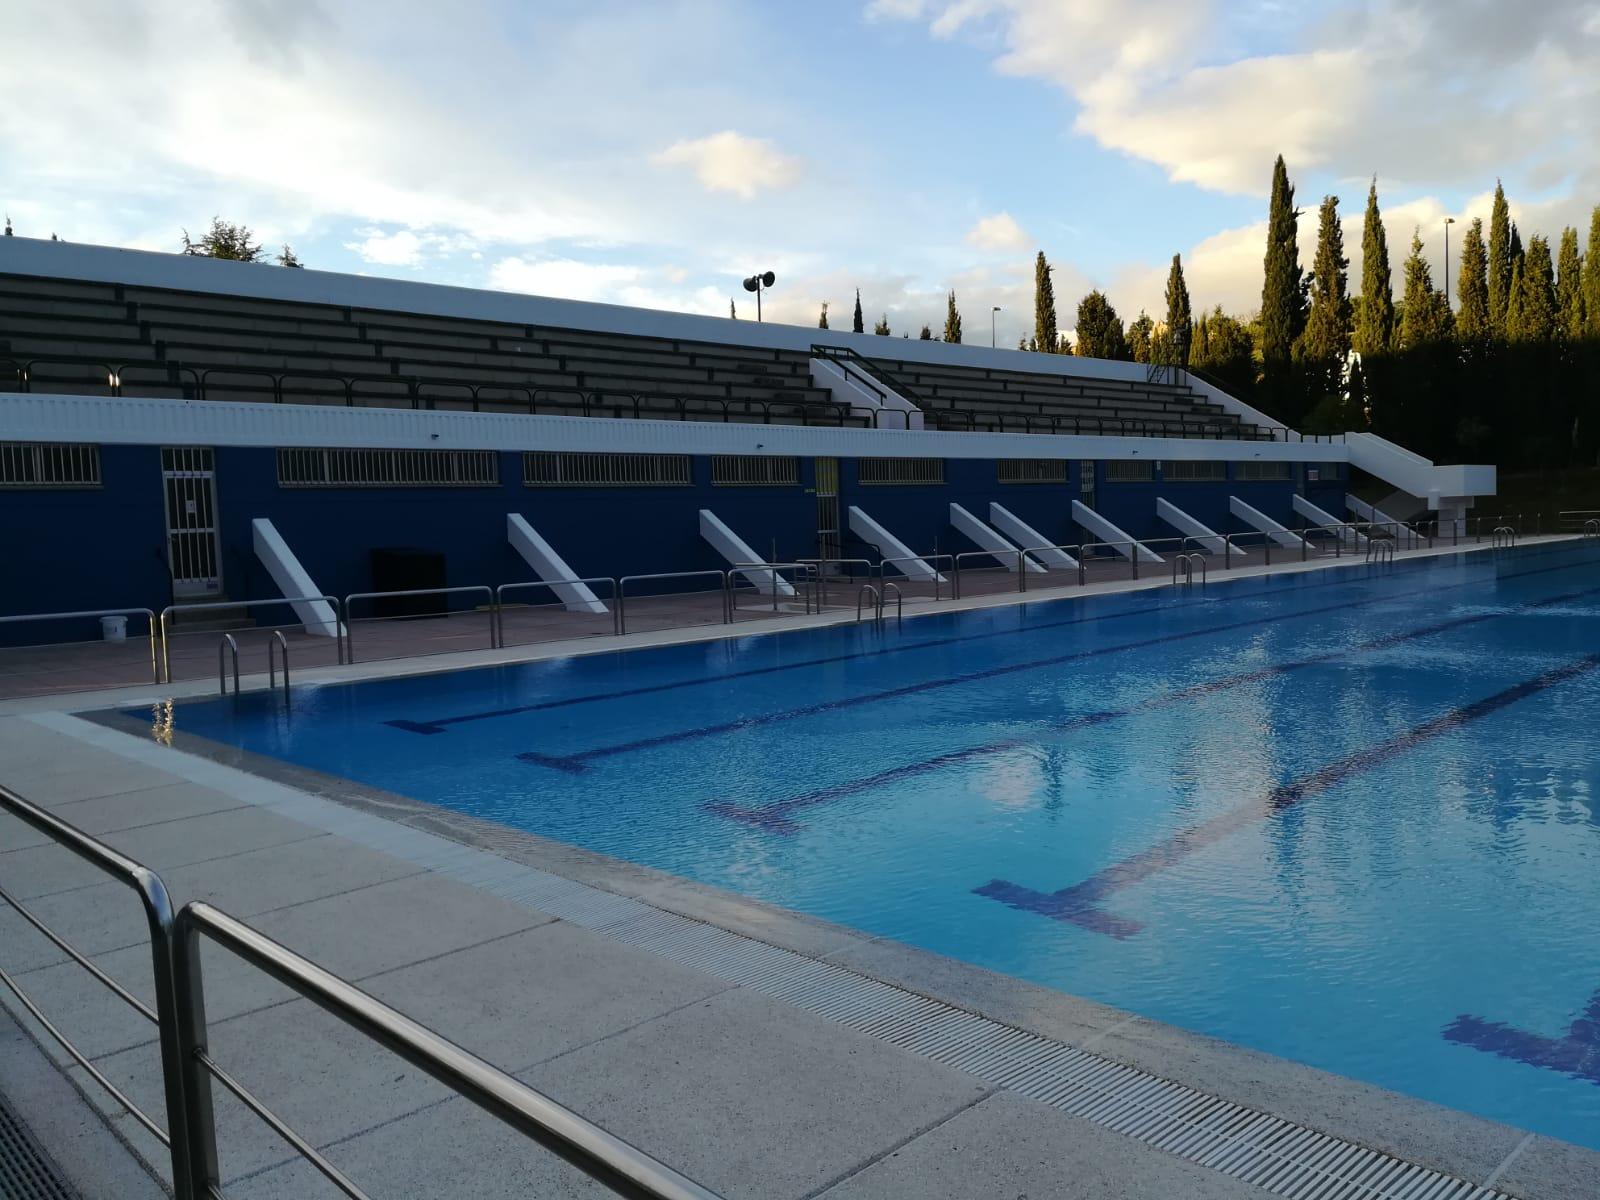 Especial piscinas que no te puedes perder en El Bierzo este verano 16